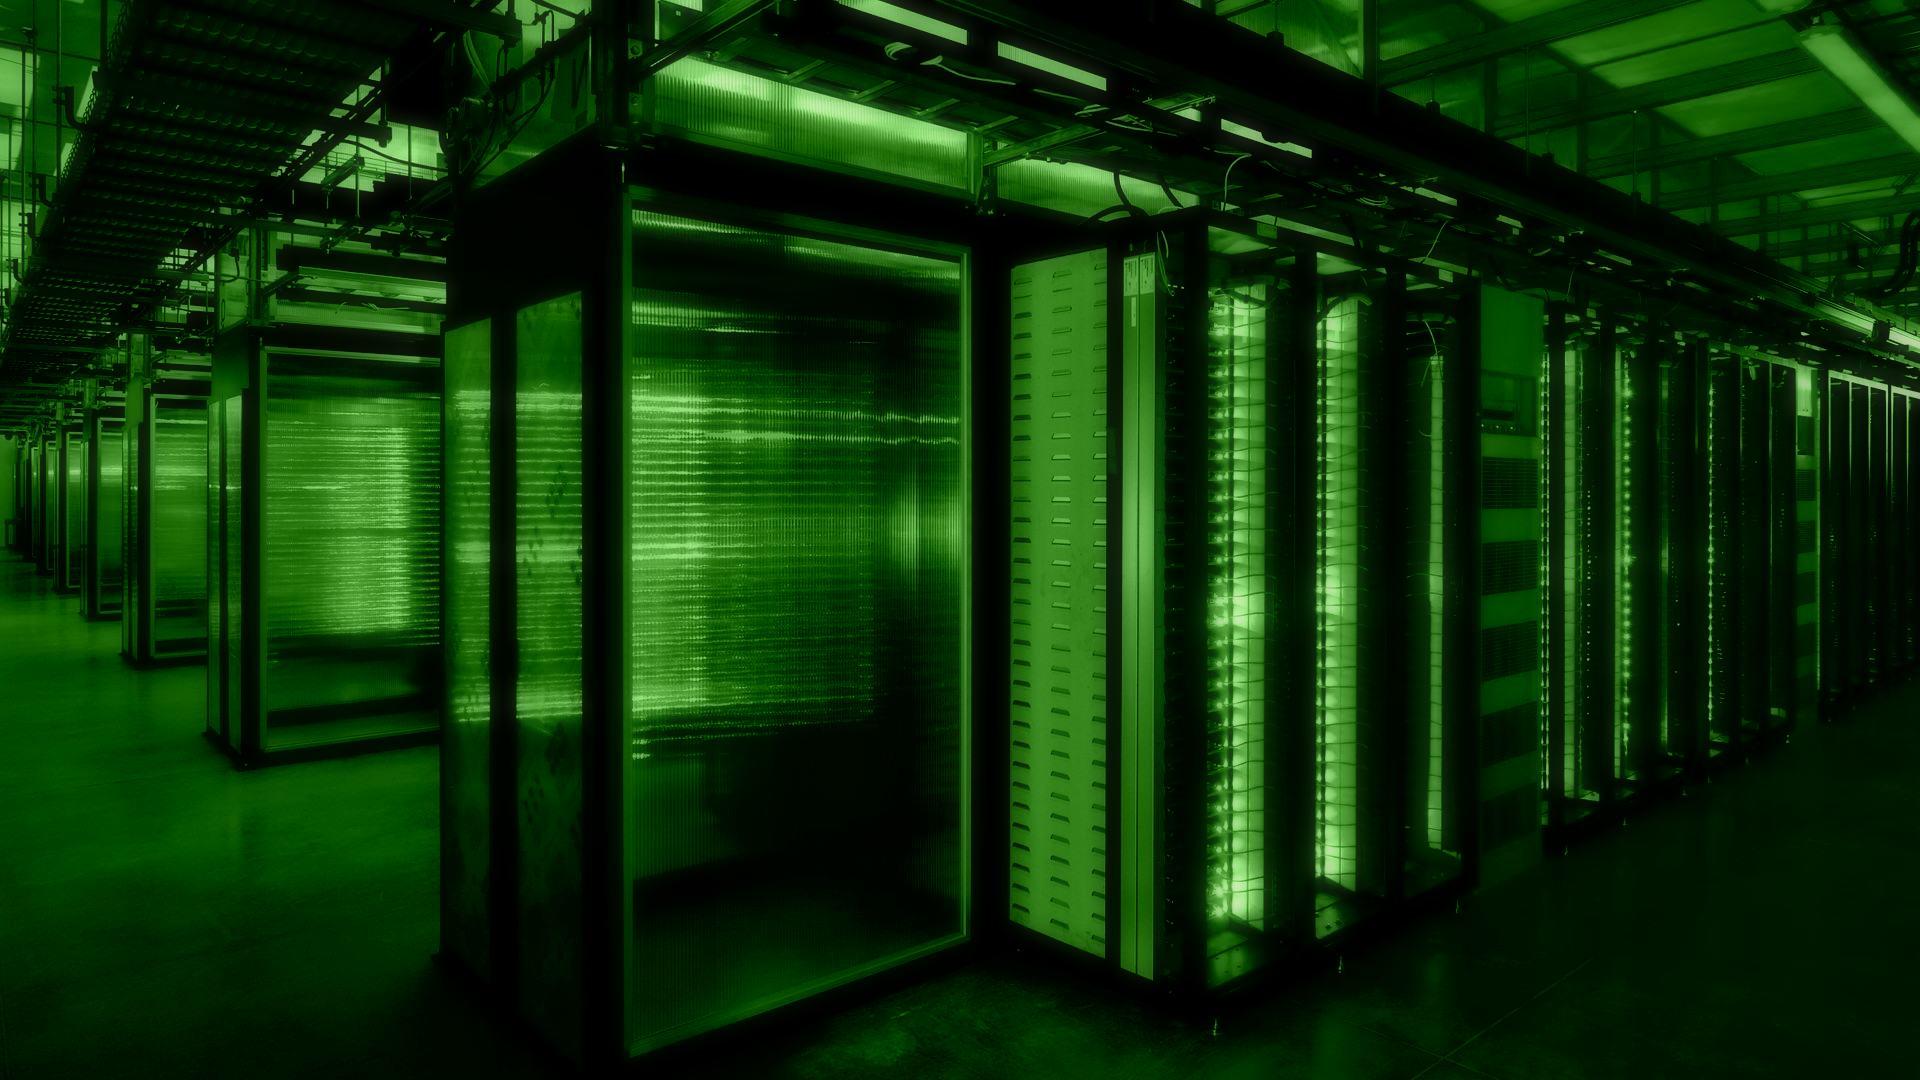 server-room-computer-hd-wallpaper ...